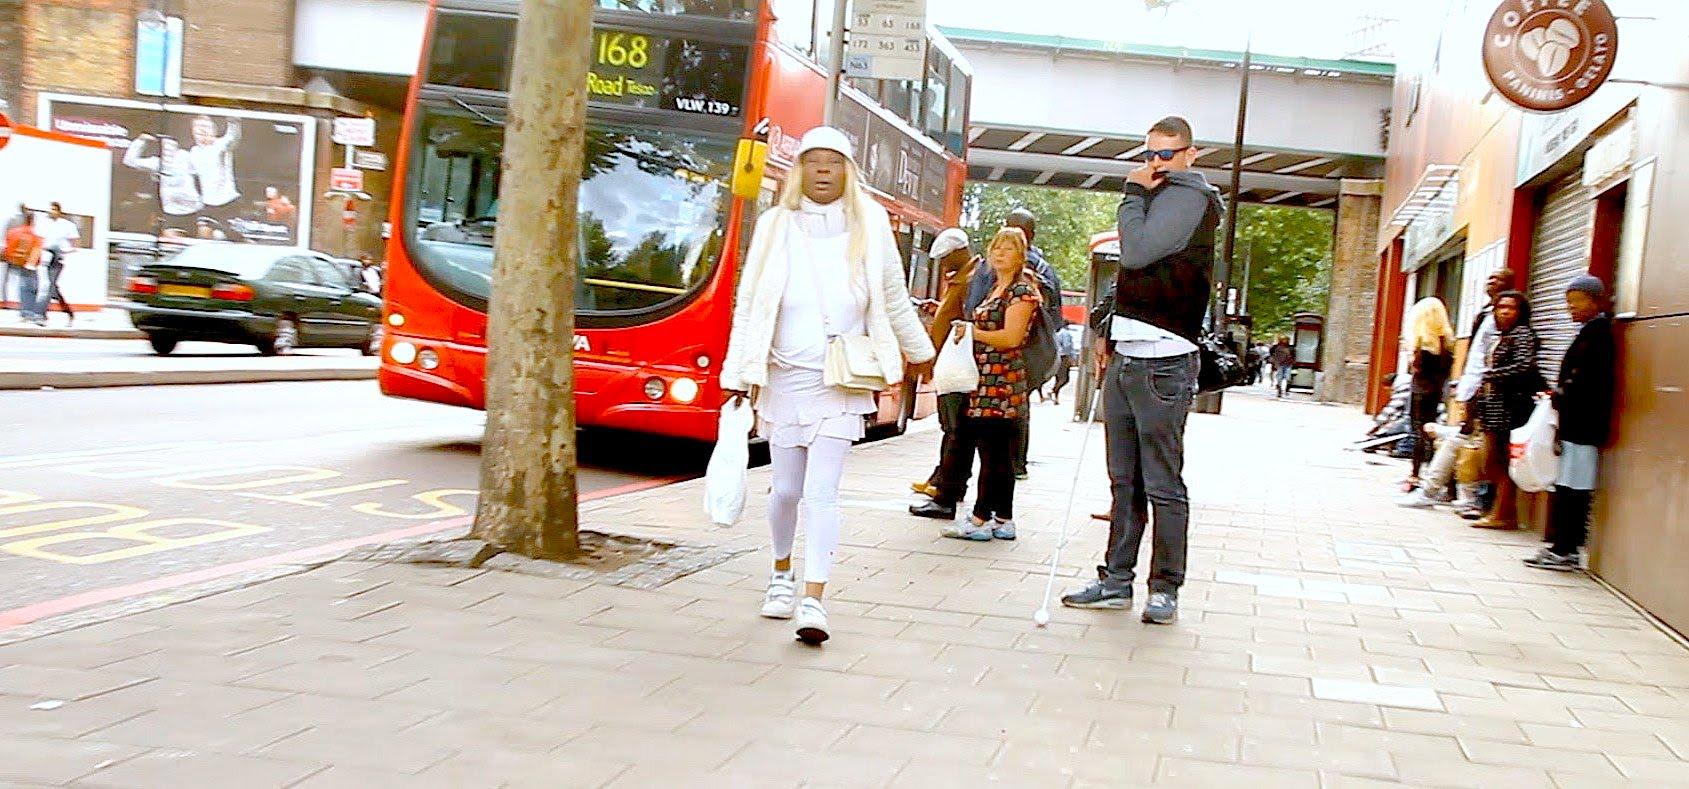 رجل اعمى يرمي بمحفظته ليرى كيف يتصرف الناس بها